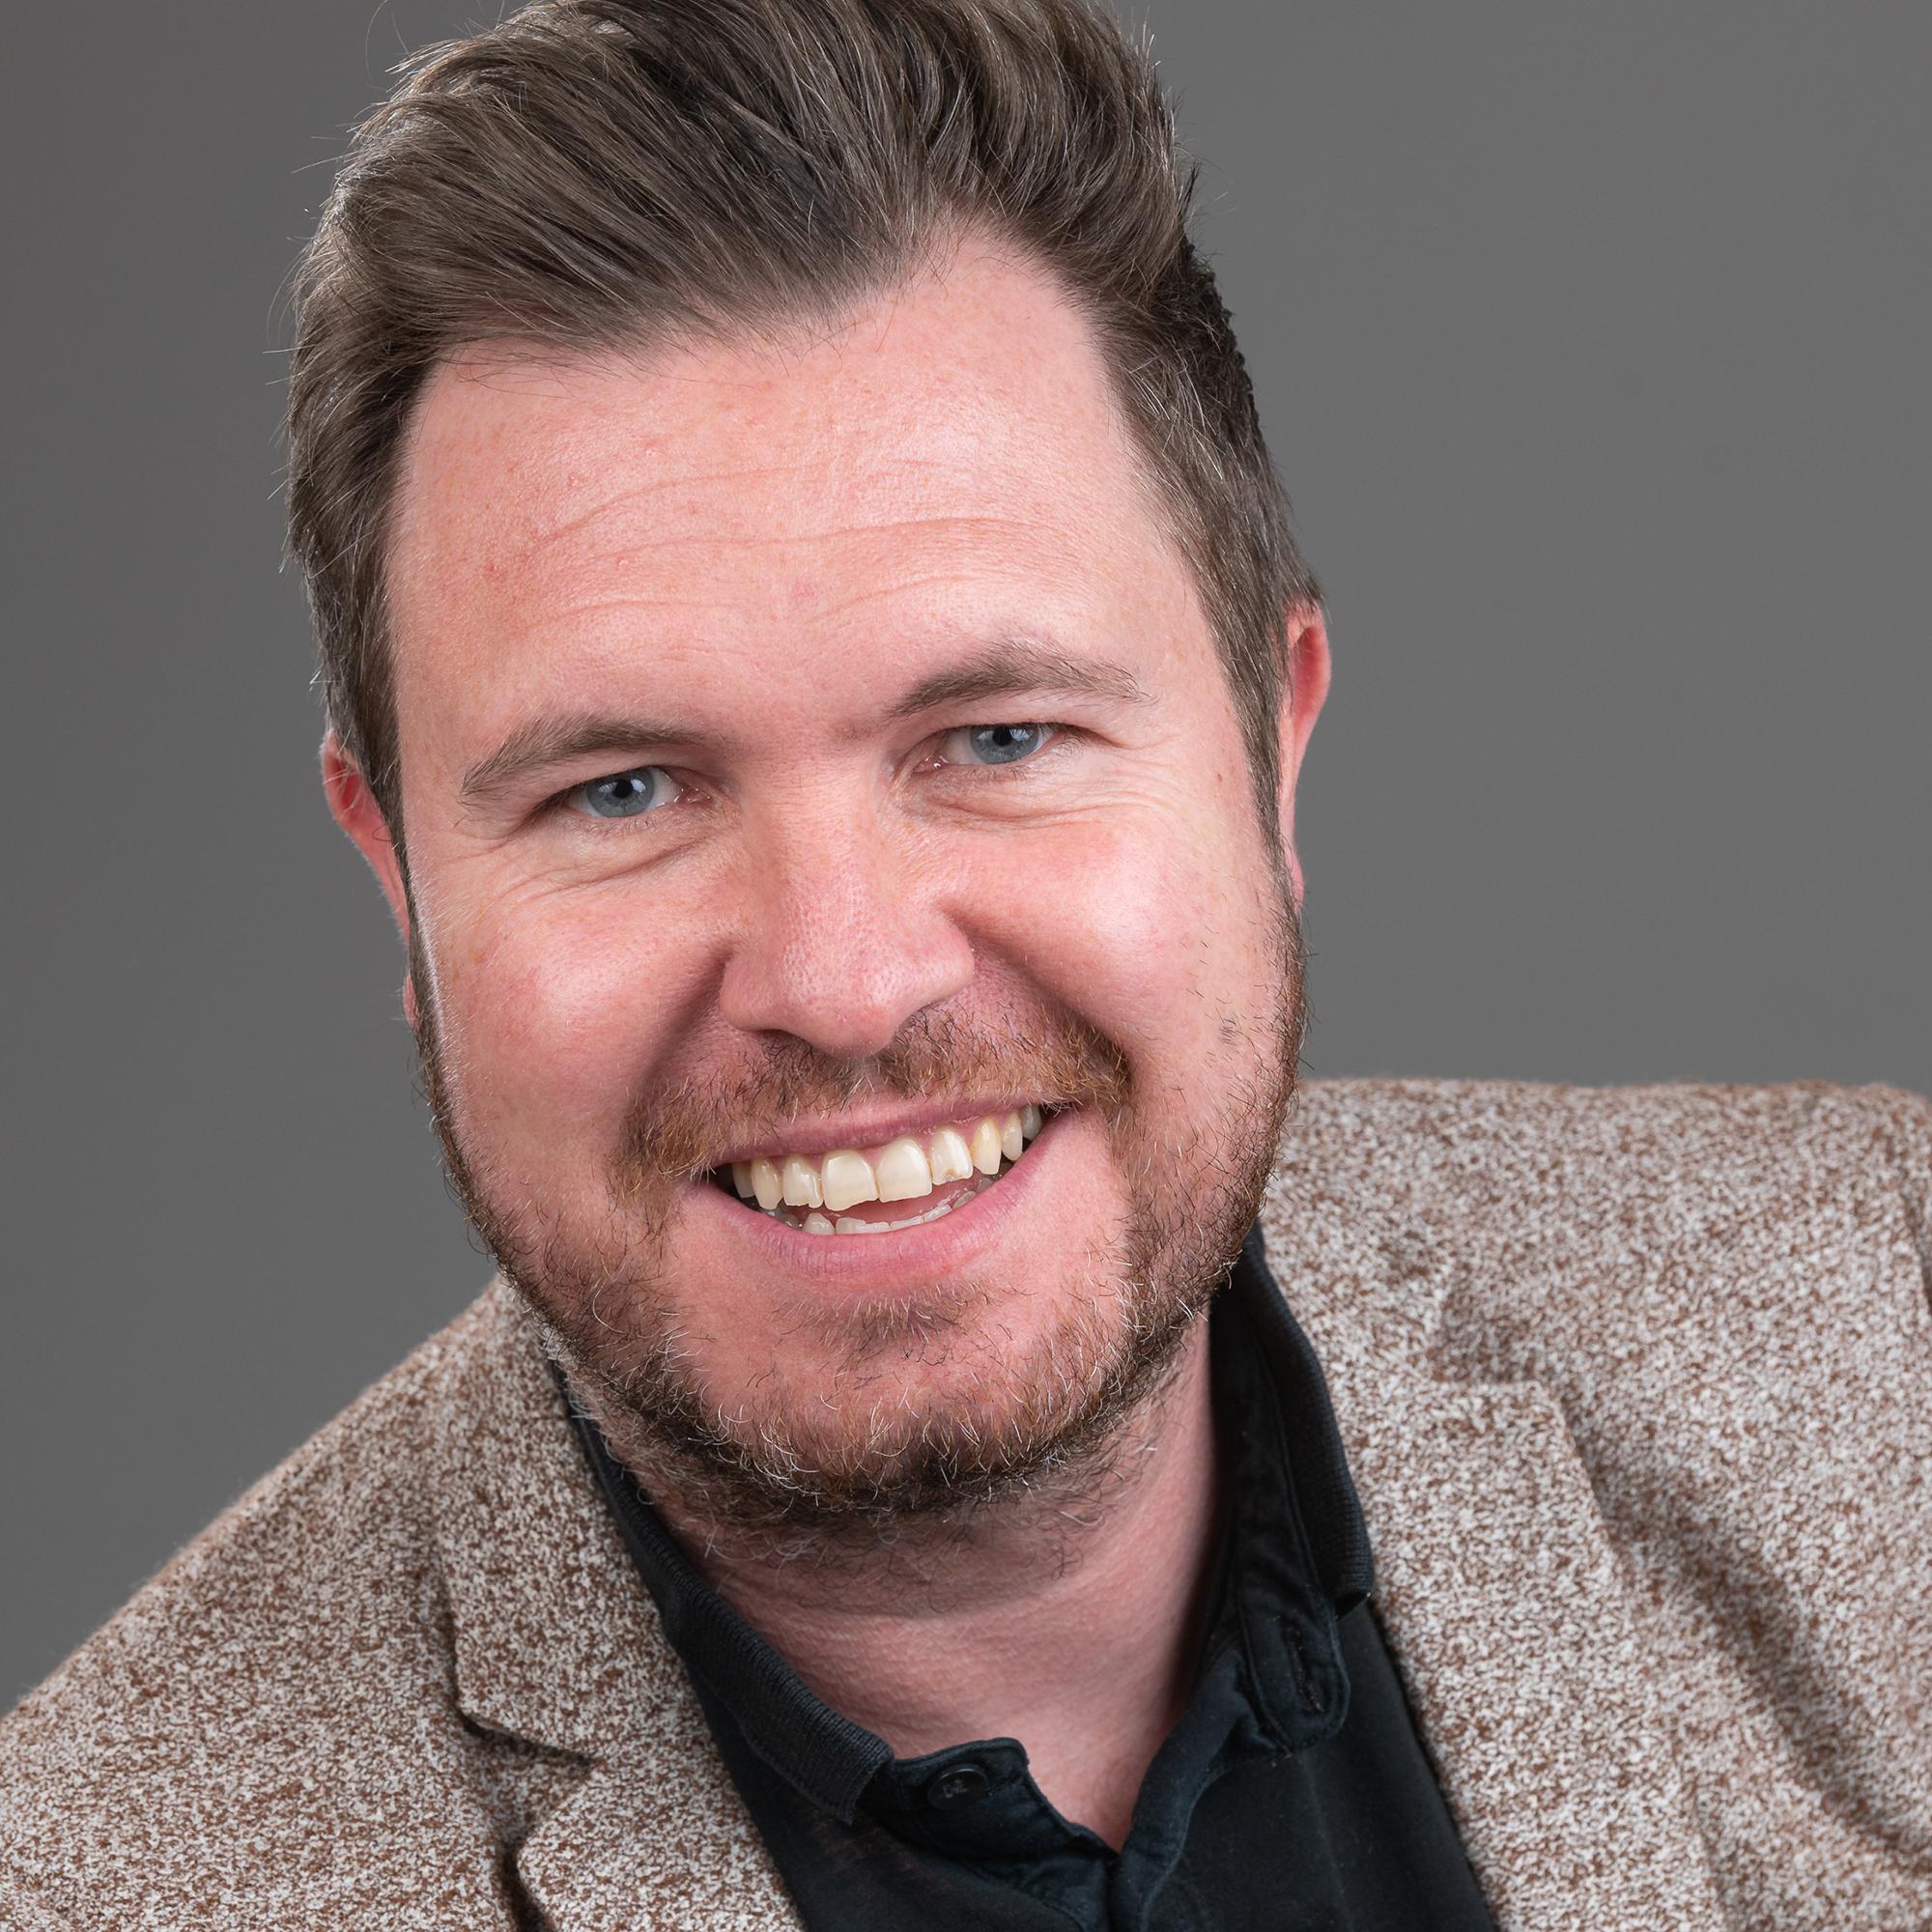 Damien McGrath